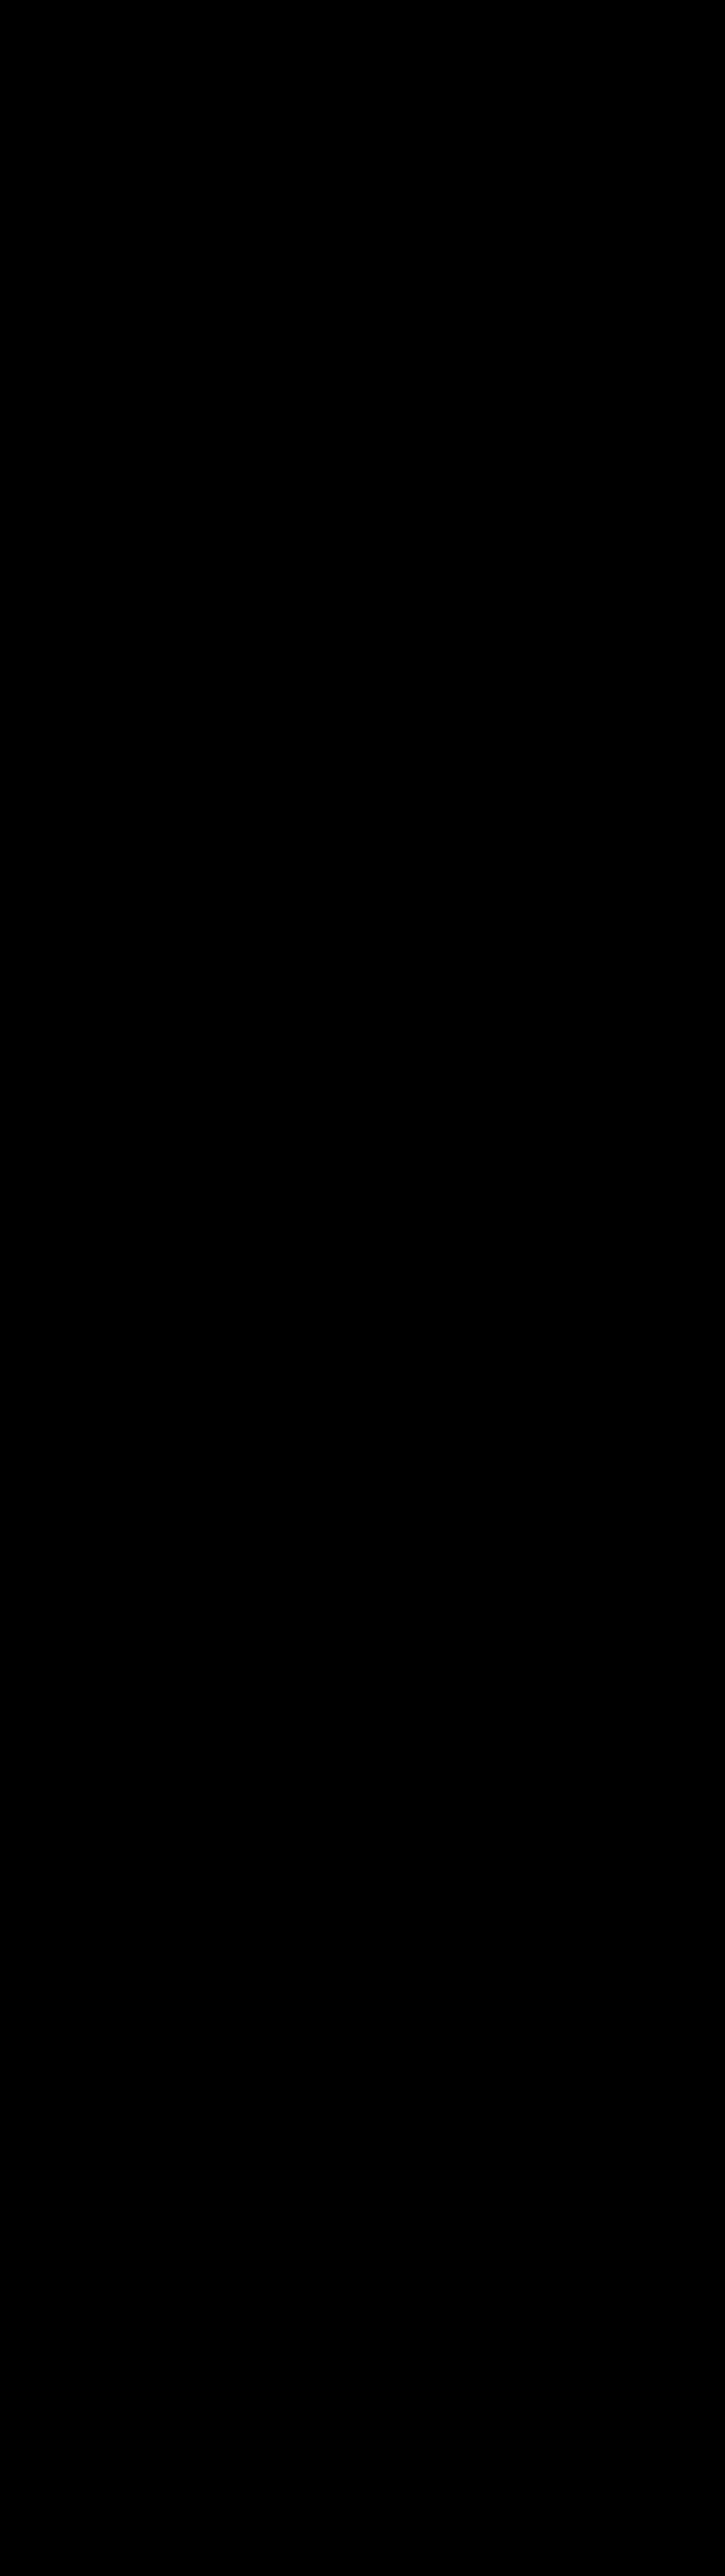 Plano de negcios – Wikipdia, a enciclopdia livre